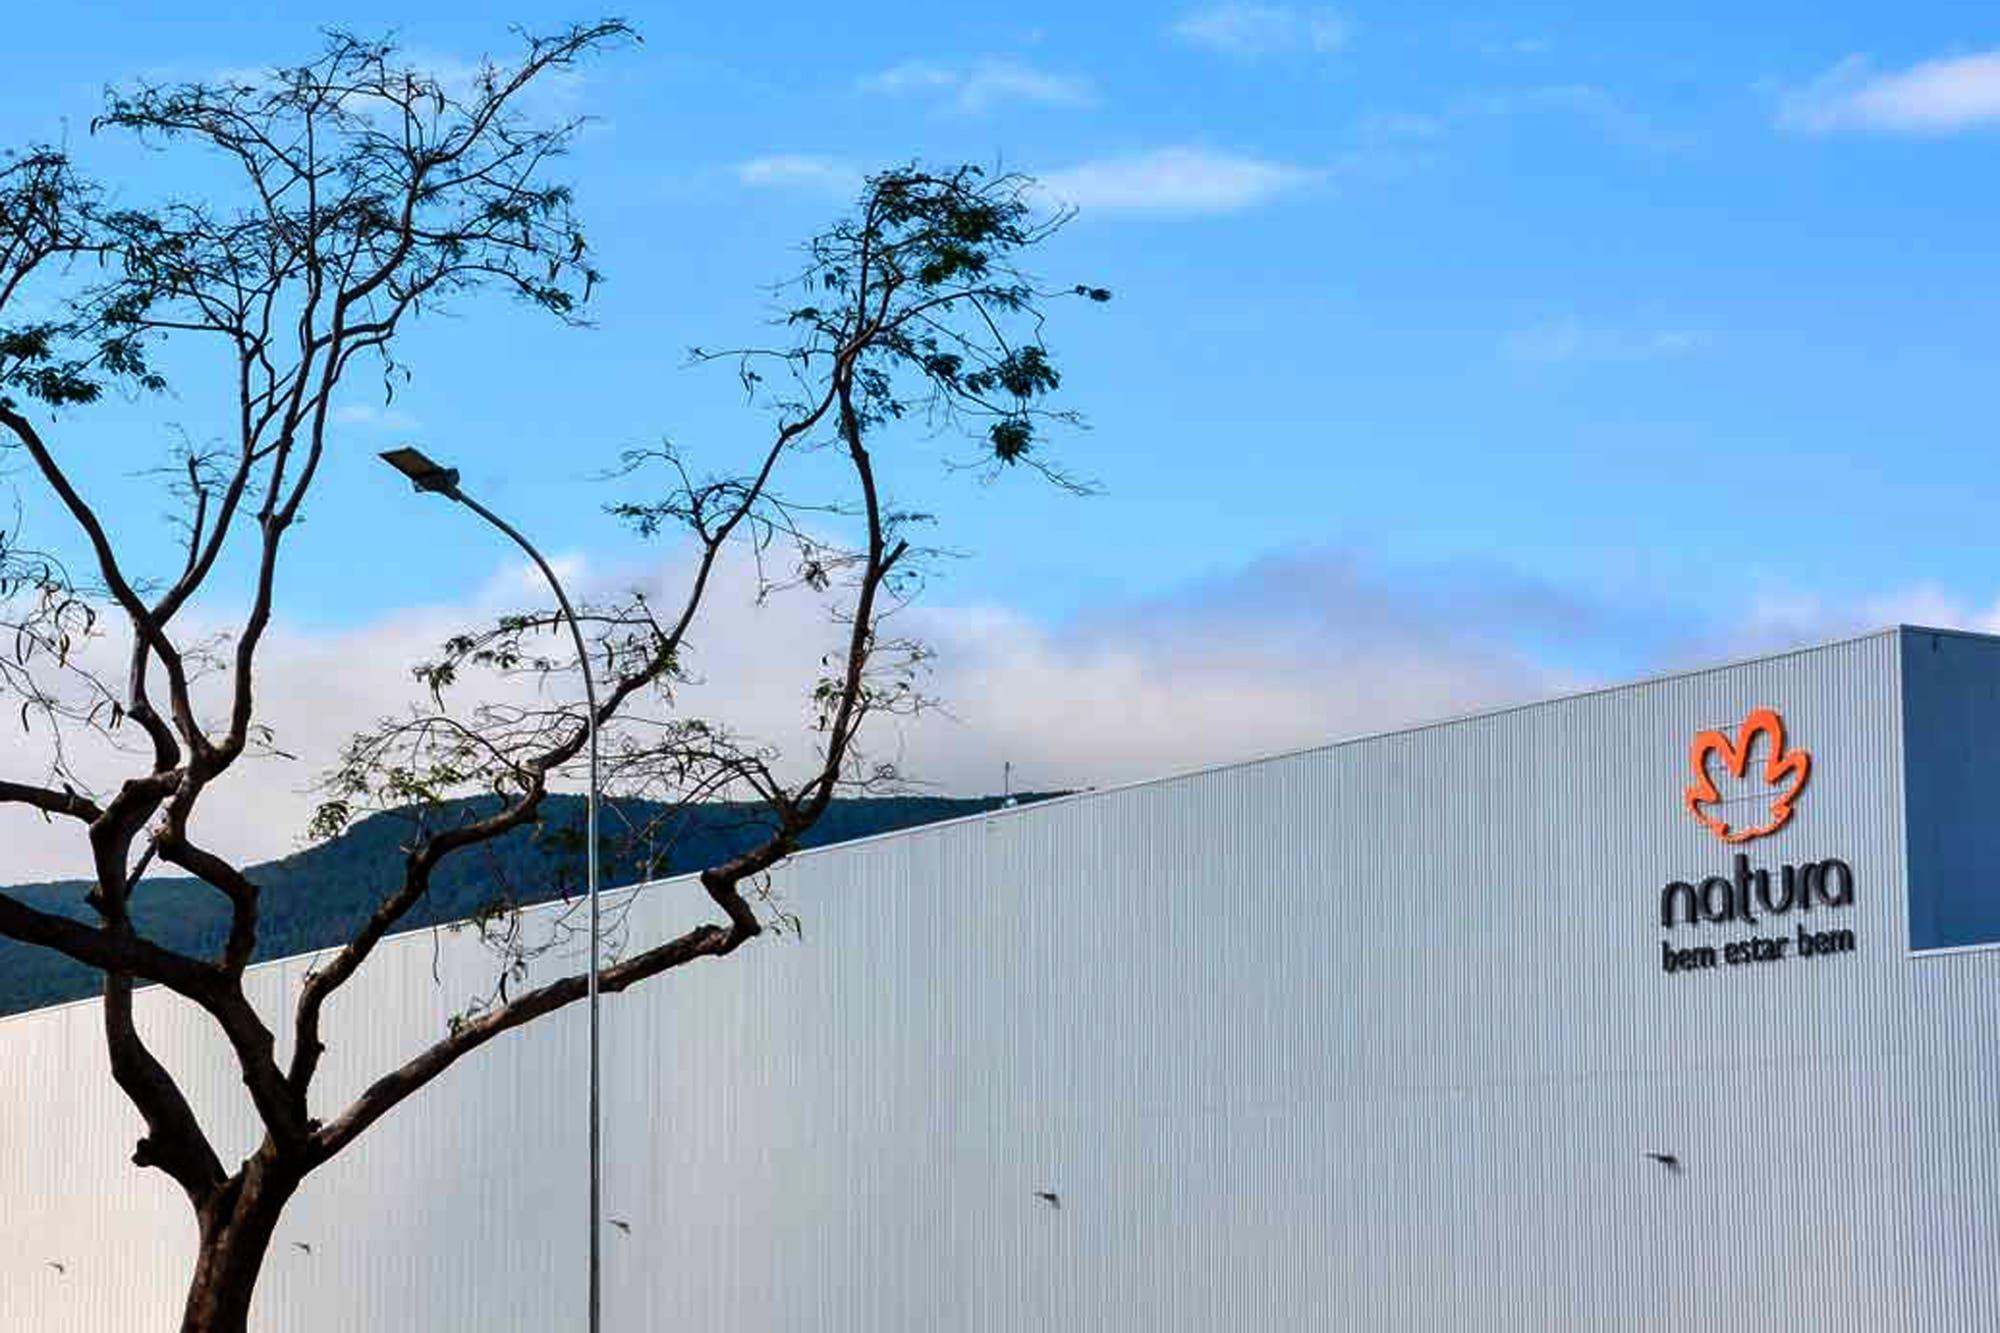 El grupo brasileño Natura &Co anunció la adquisición de Avon